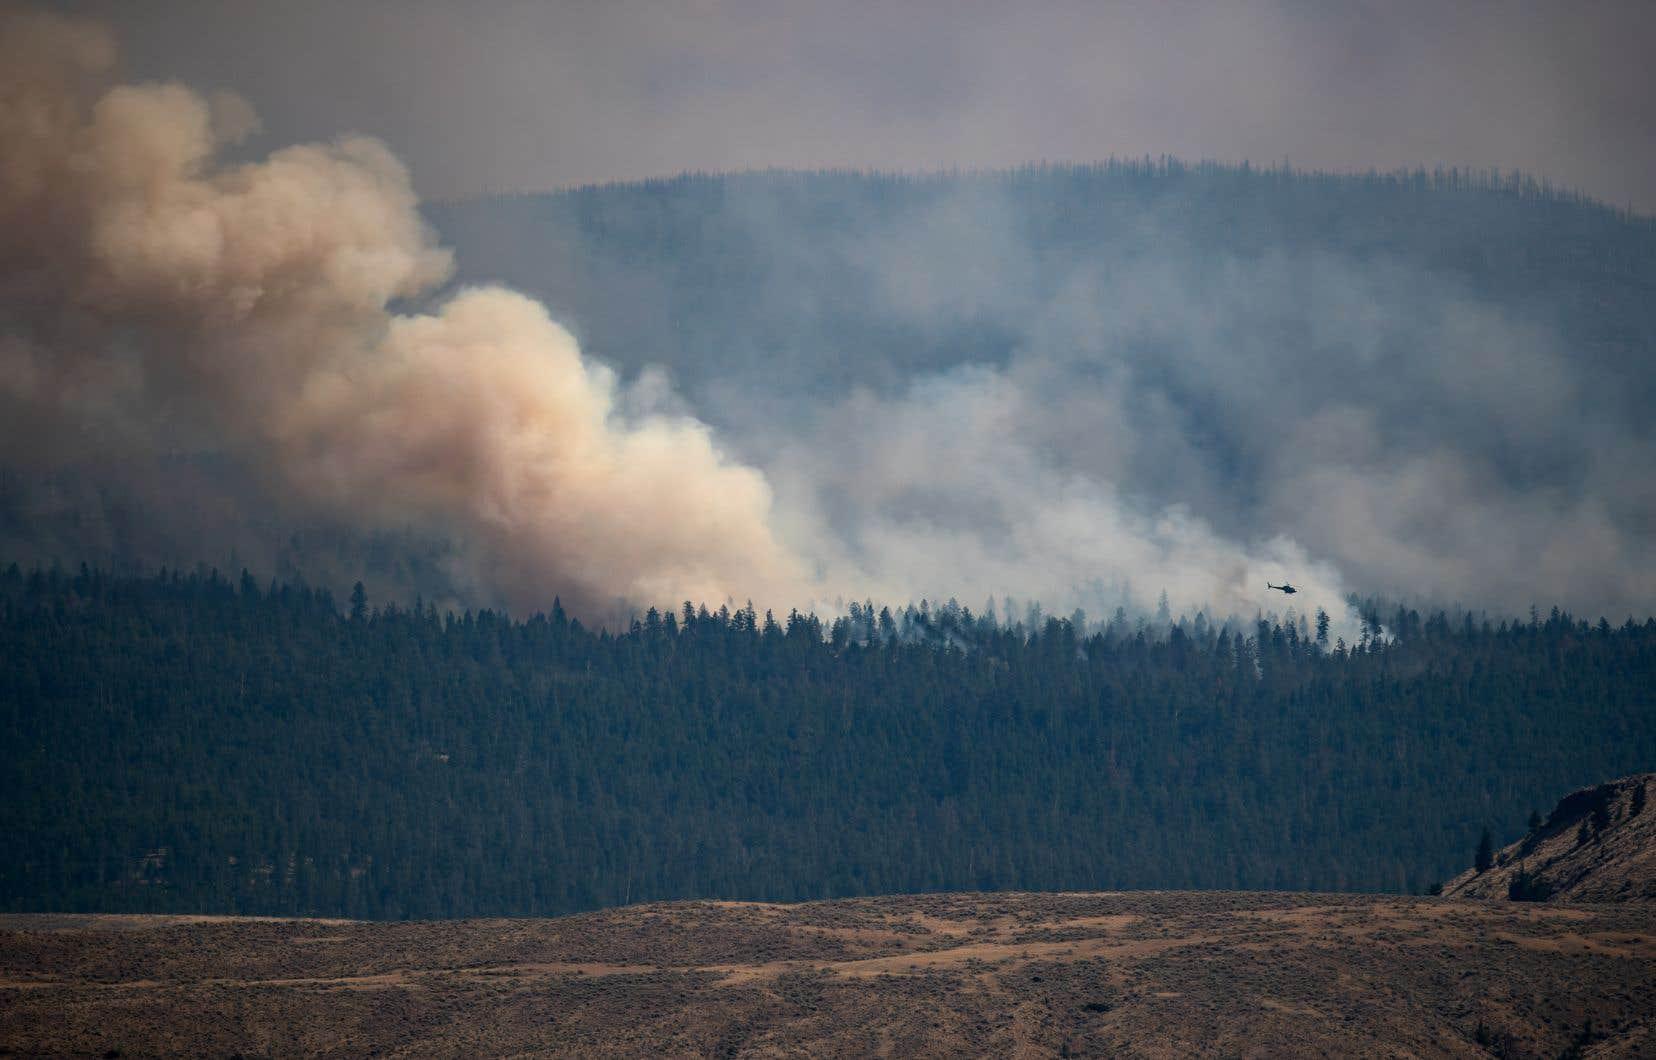 Un hélicoptère survolant les feux de forêt près du village d'Ashcroft, situé dans le district régional de Thompson-Nicola, le 16 juillet dernier